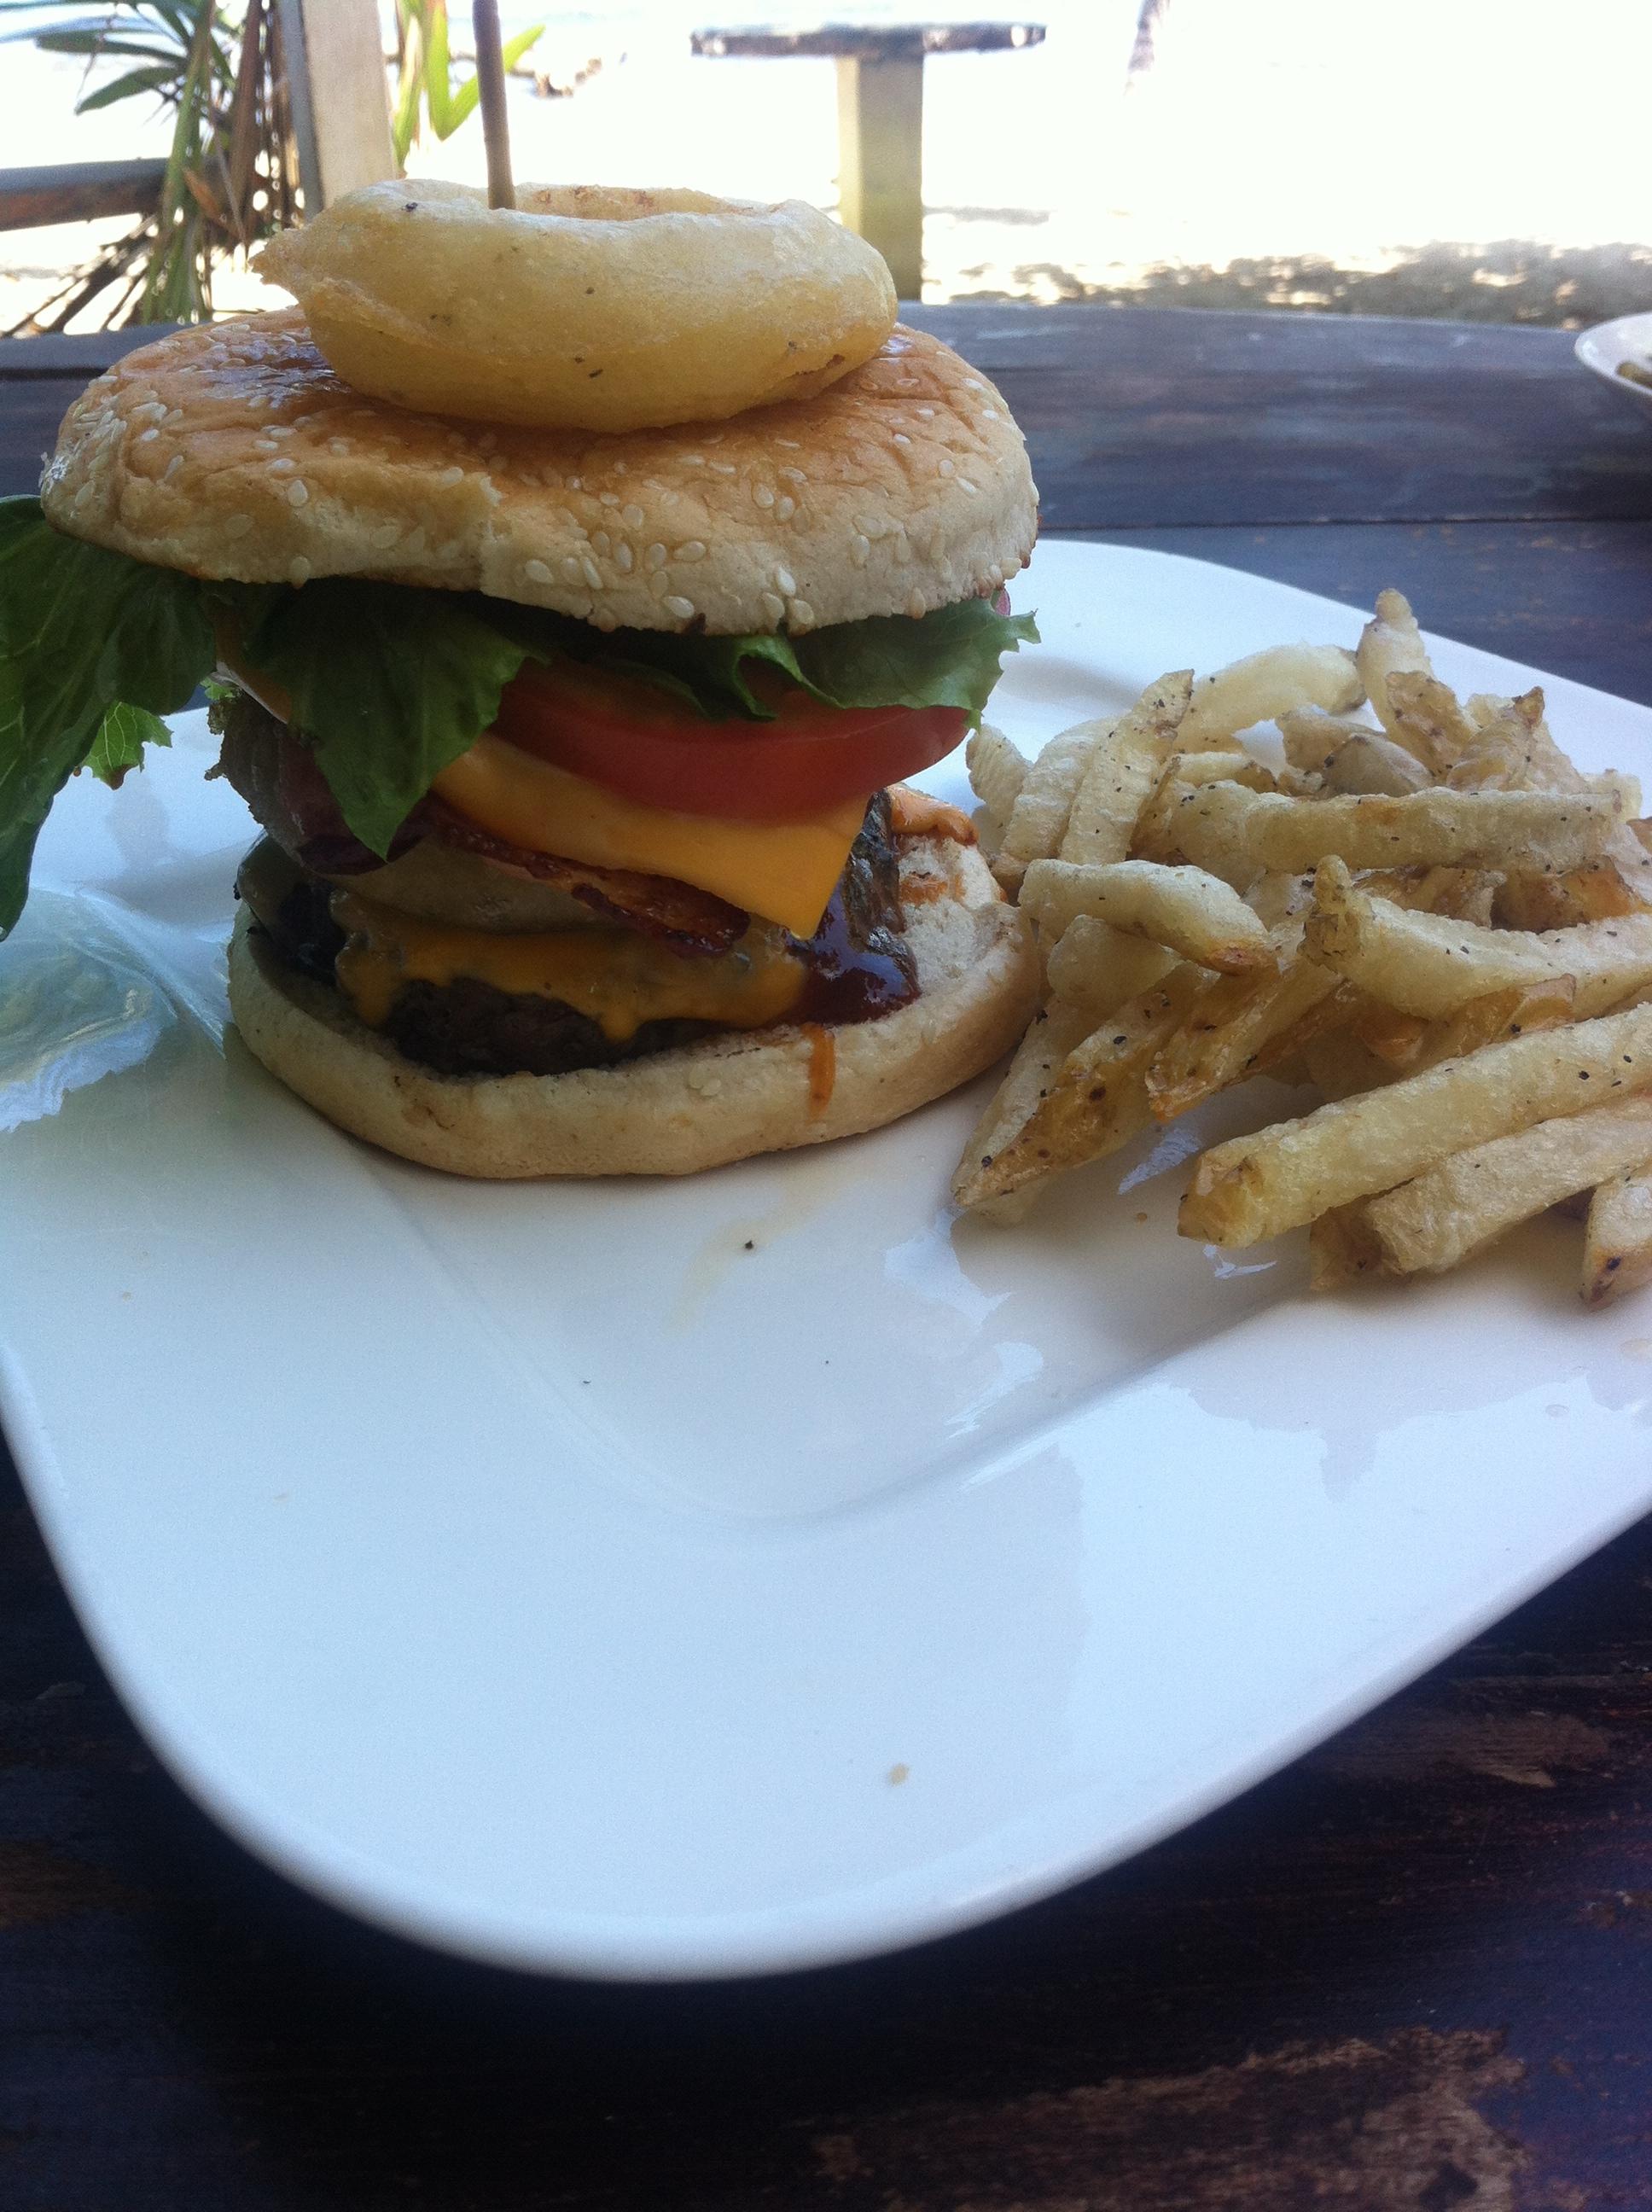 Barbecue Bacon Cheeseburger